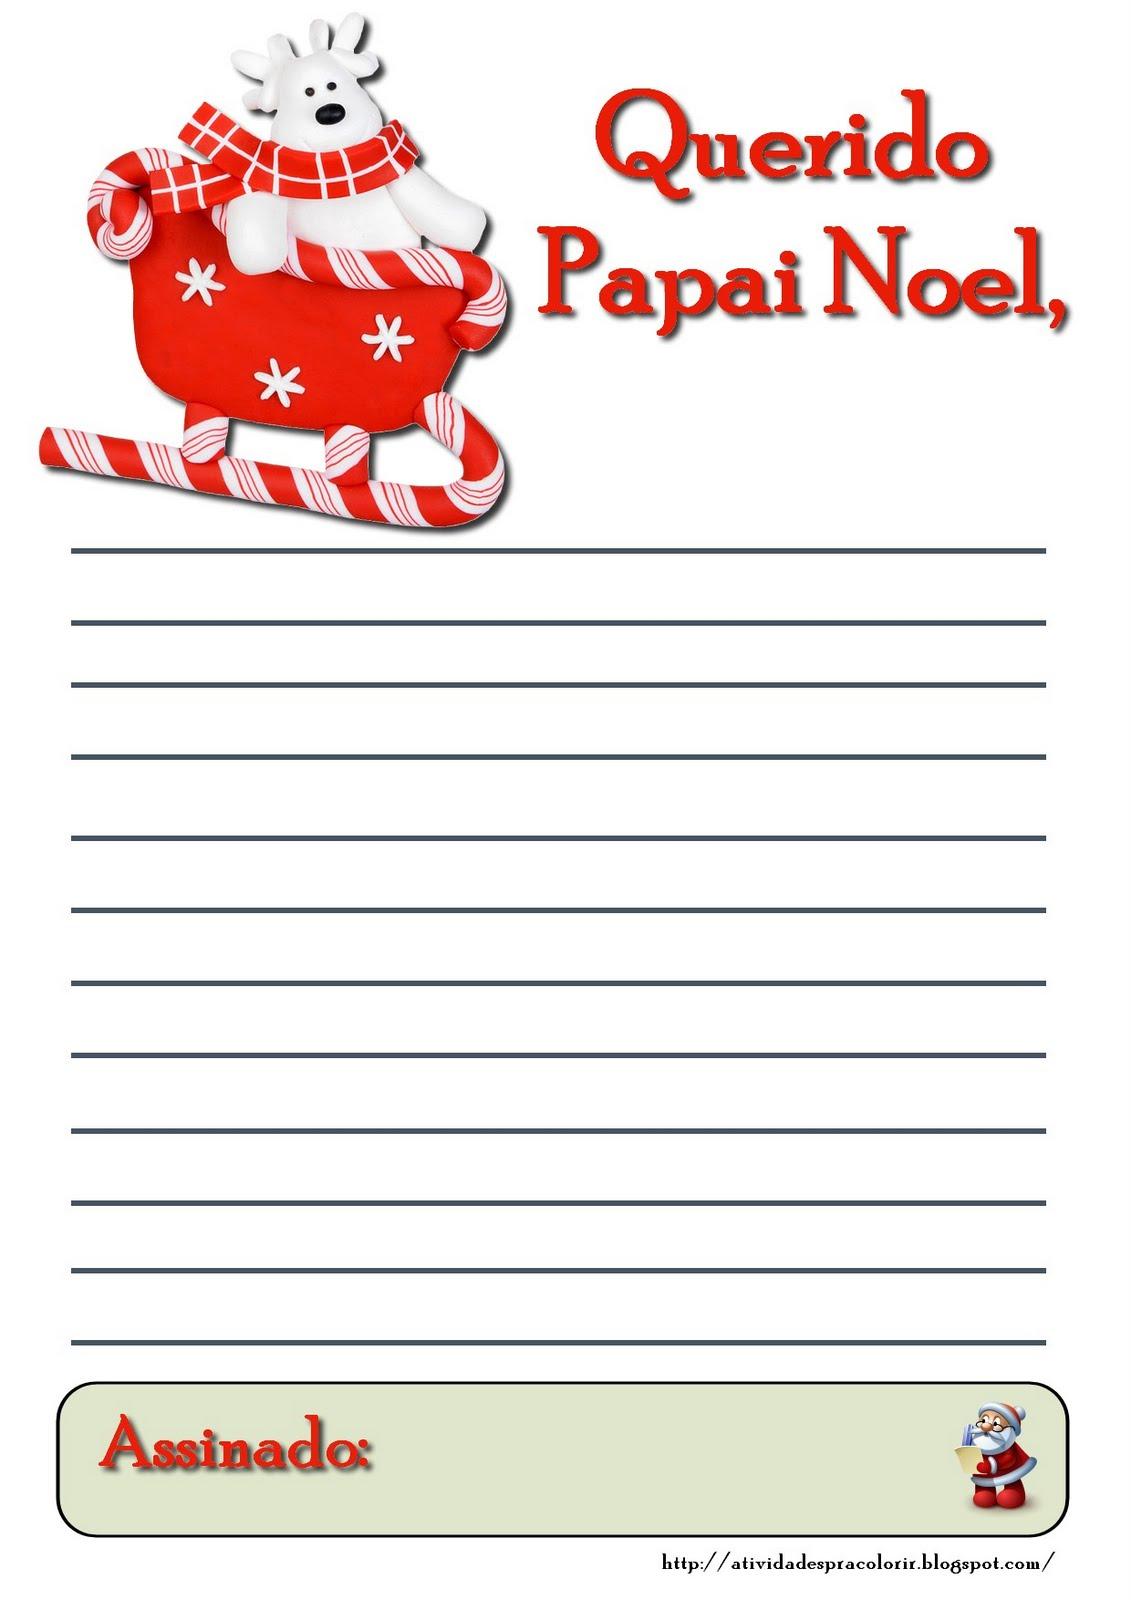 7629c3c74e98 cartapapainoel04 773447 - Cartinhas para o Papai Noel - Atividades Natal